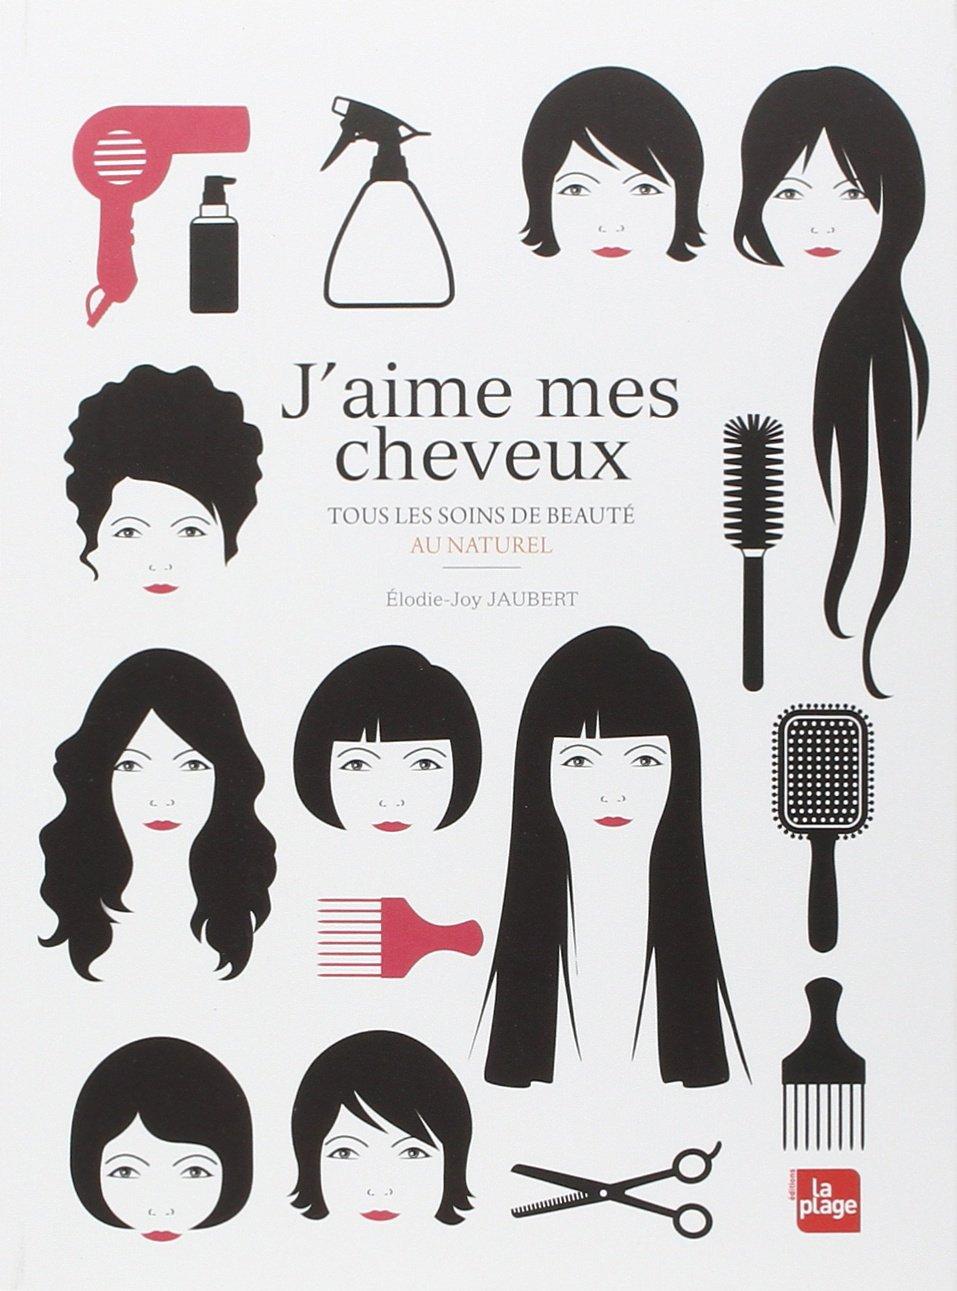 http://www.amazon.fr/beauté-naturelle-paresseuses-Carole-Dichampt/dp/2501084322/ref=sr_1_2?s=books&ie=UTF8&qid=1416566454&sr=1-2&keywords=BEAUTE+NATUREL